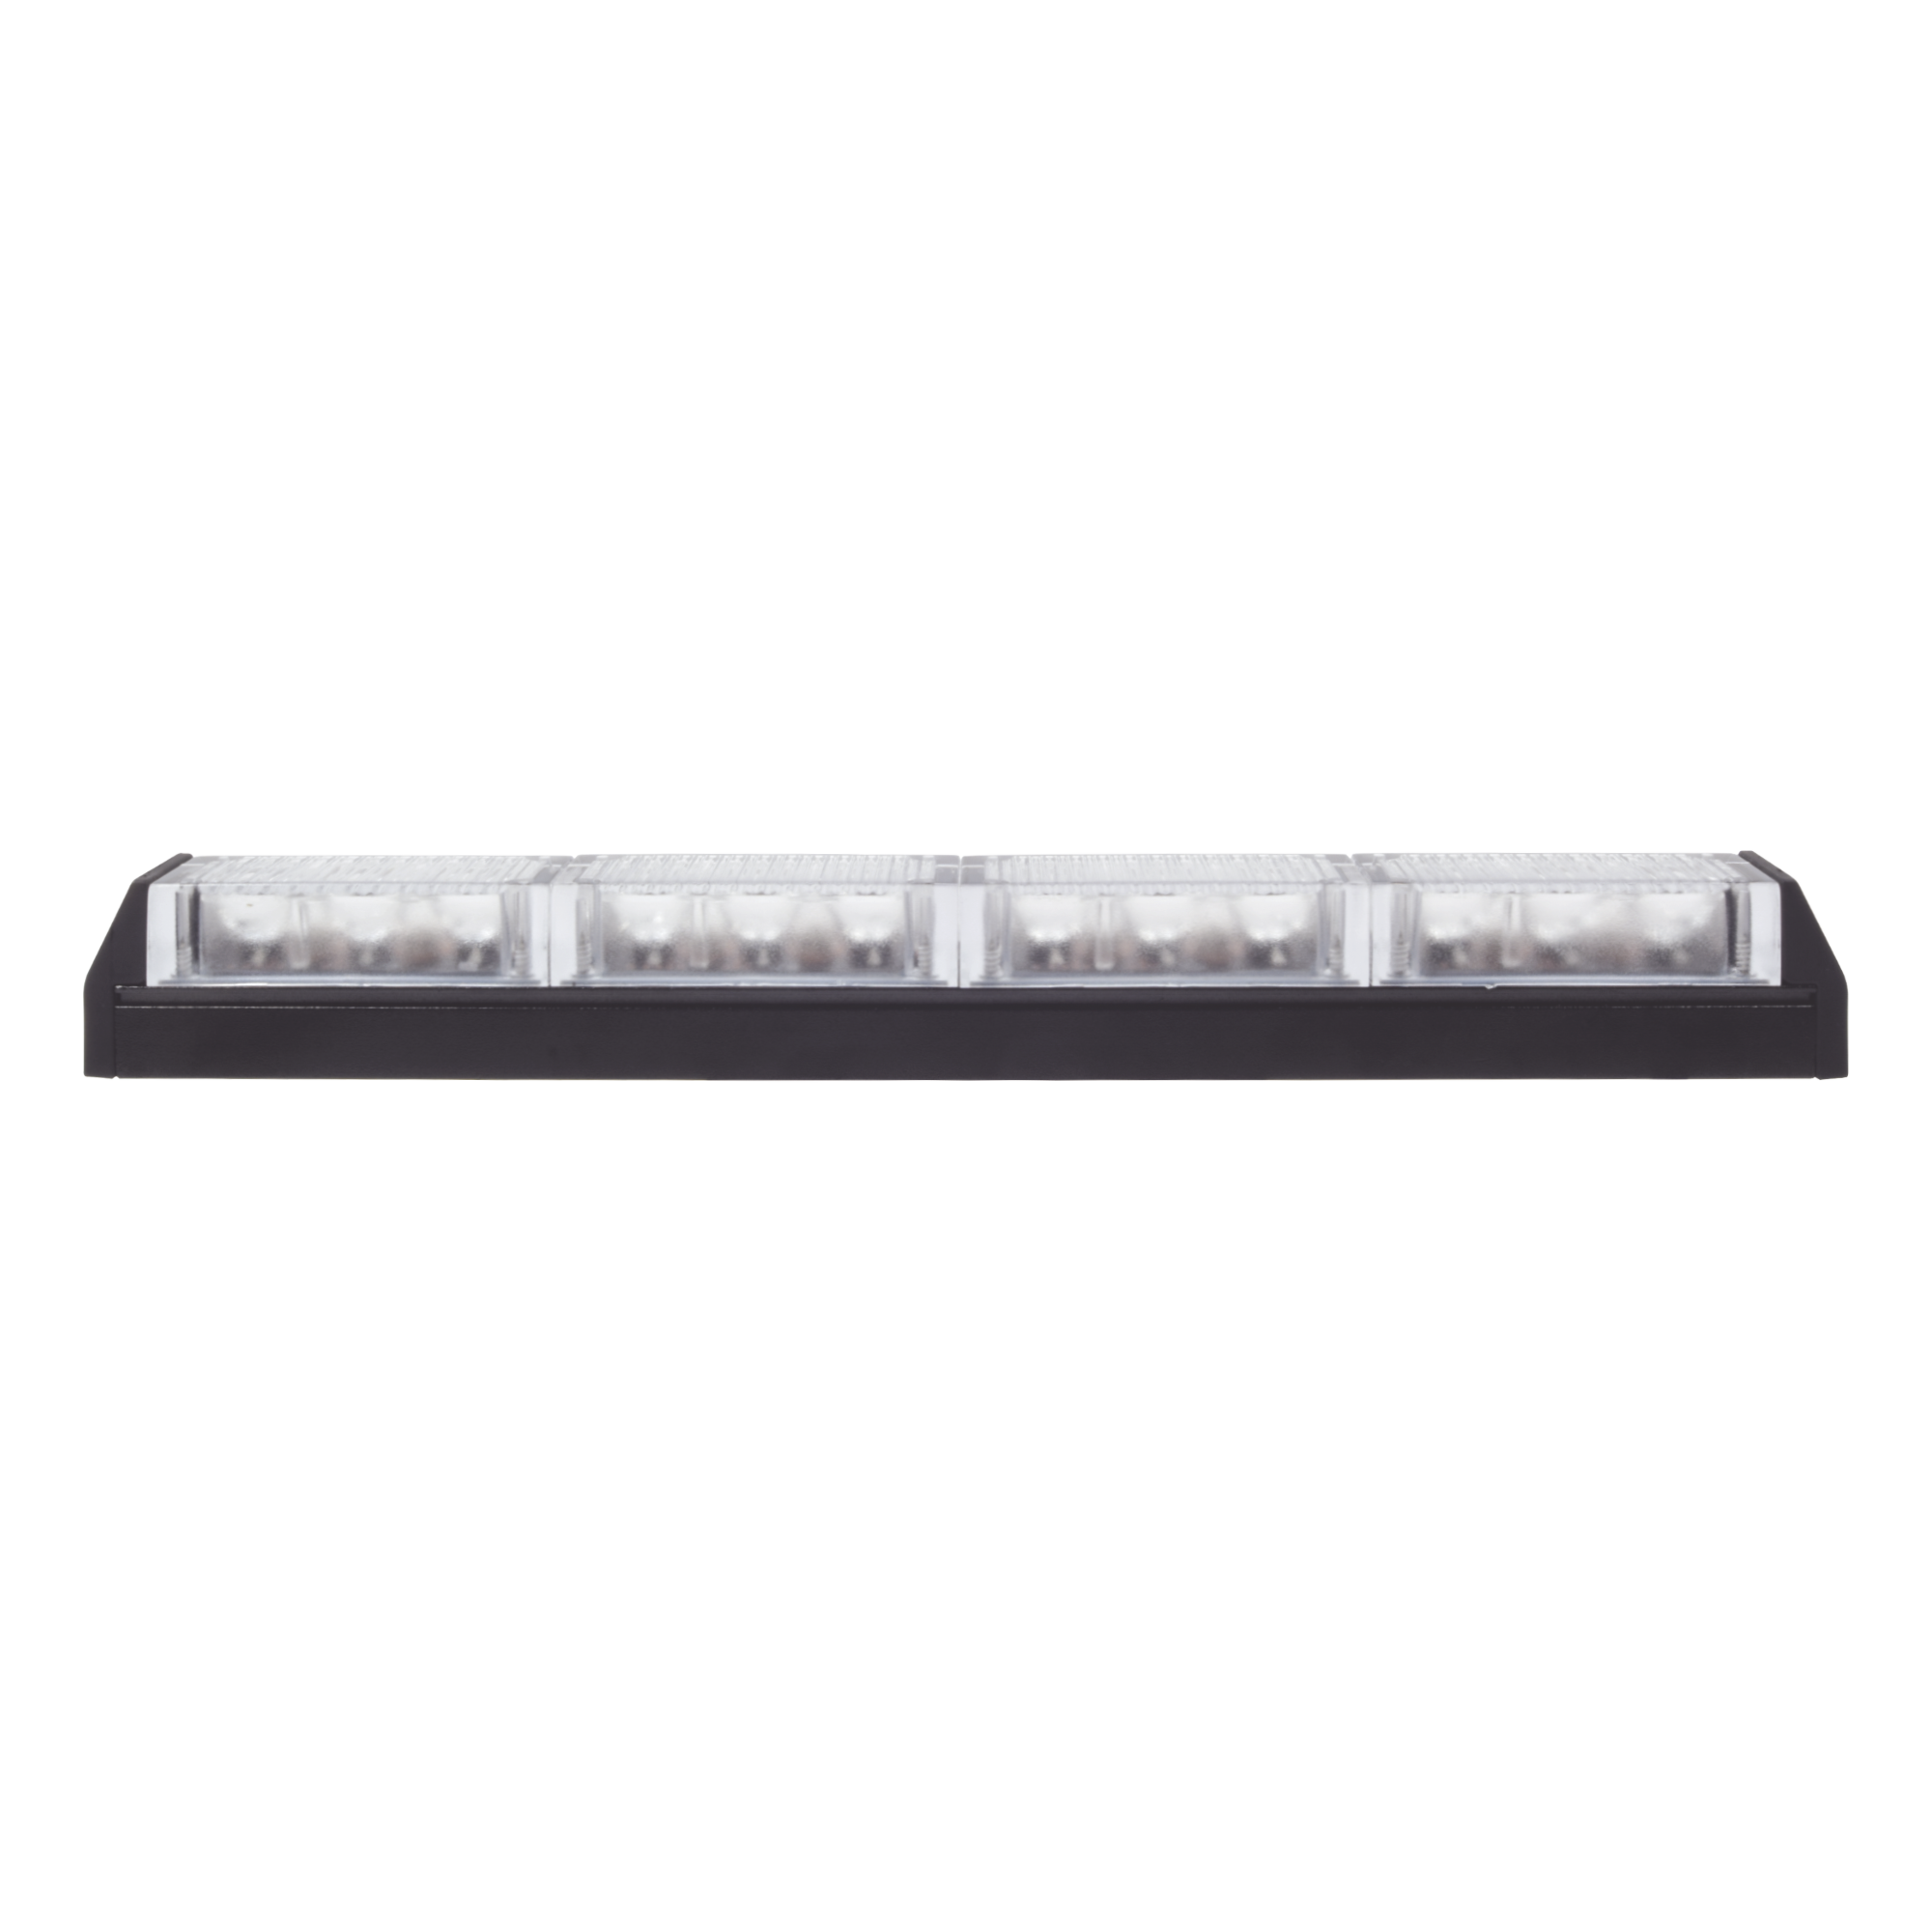 Barra de luz de advertencia con 4 modulos claros